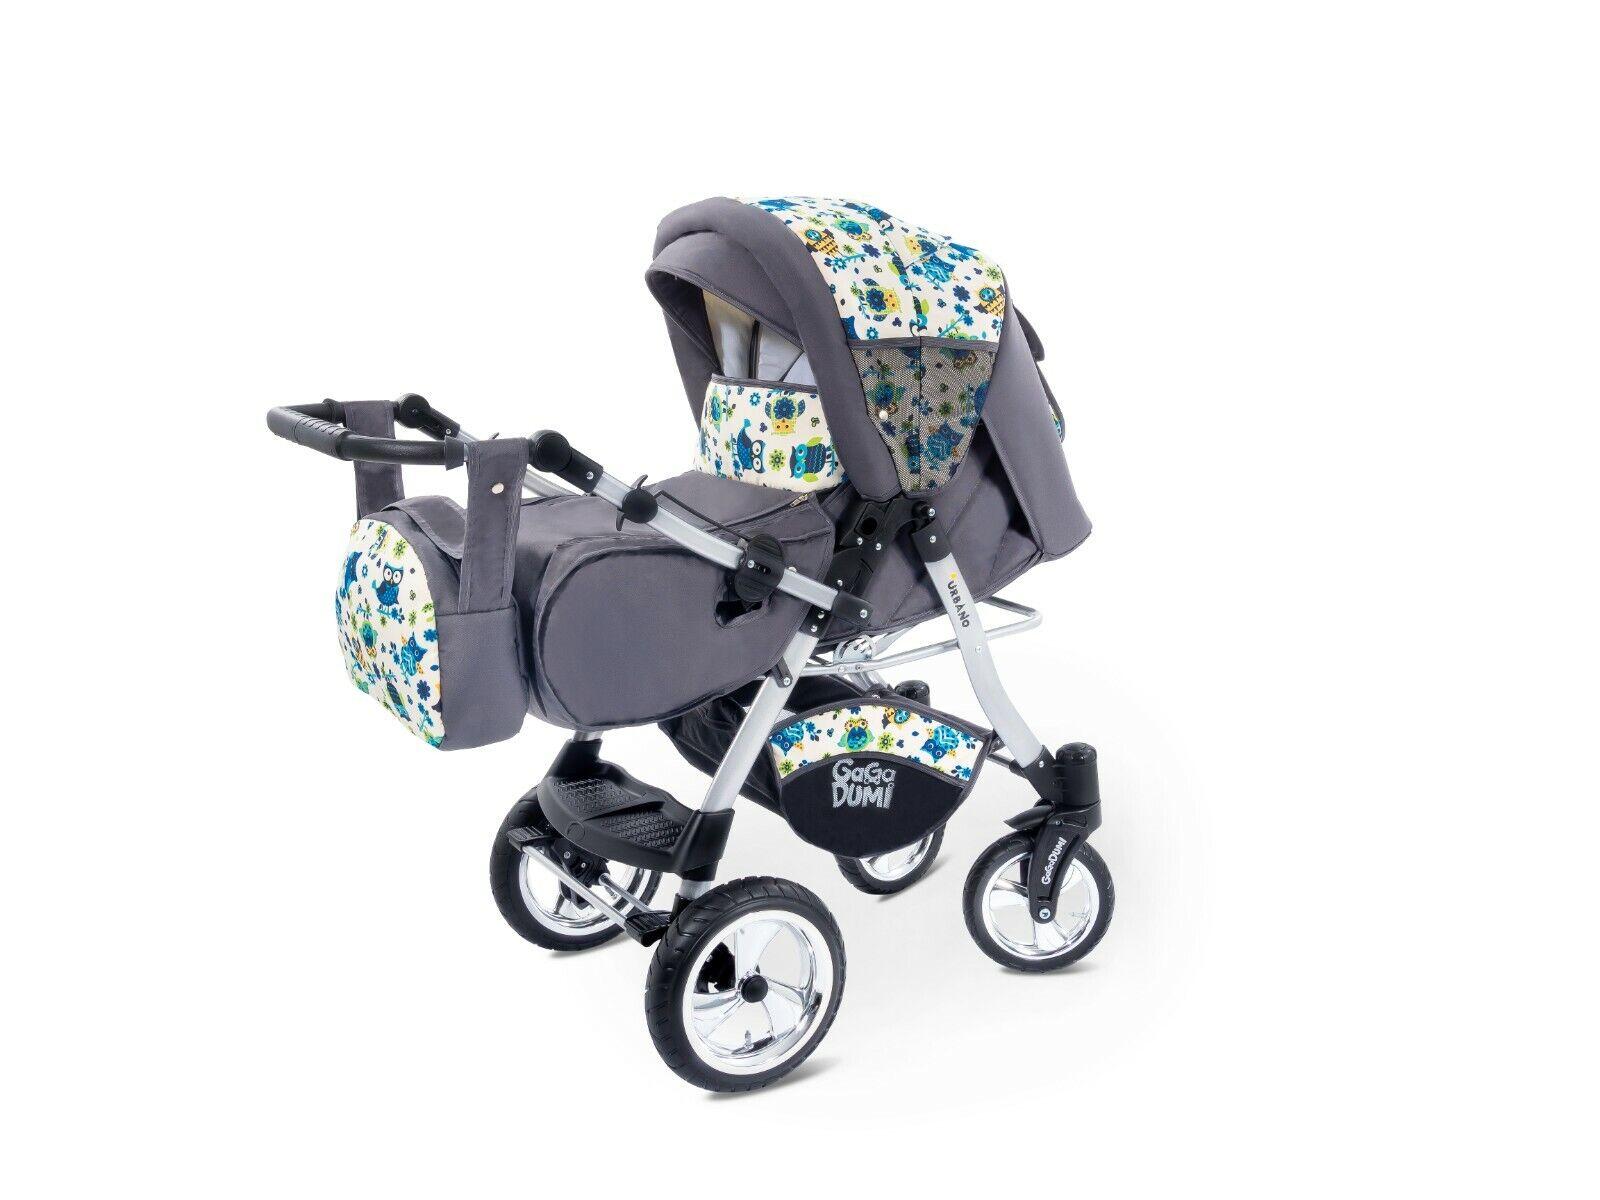 GaGaDumi Urbano Kombikinderwagen Kinderwagen Babyschale 3in1 System Autositz